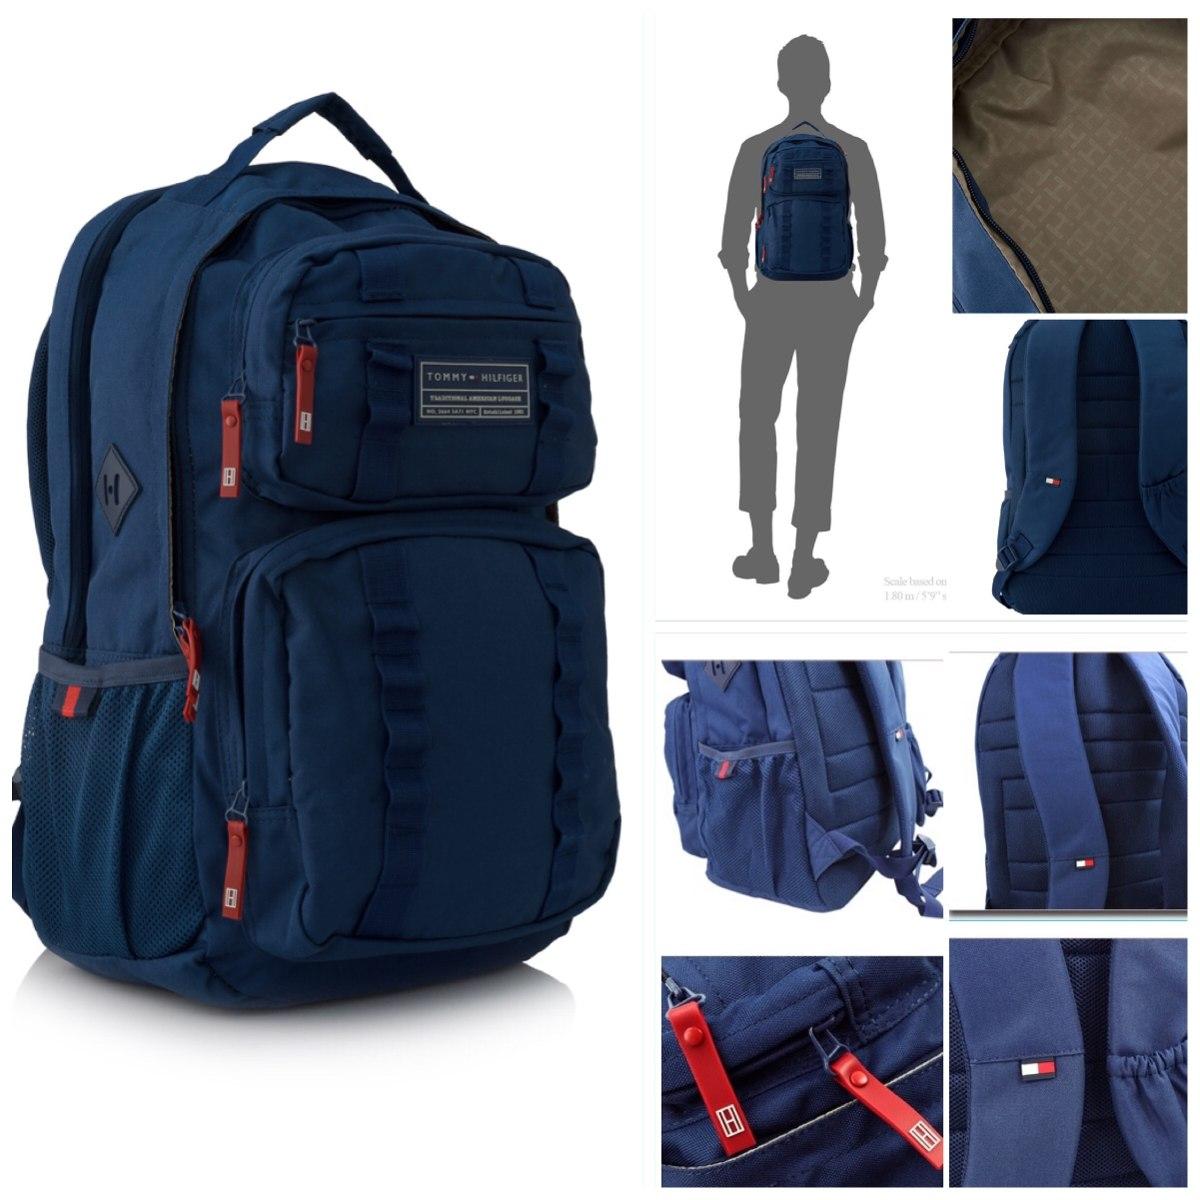 2950fe174 Mochila Tommy Hilfiger Kenya Backpack Original - R$ 325,00 em ...